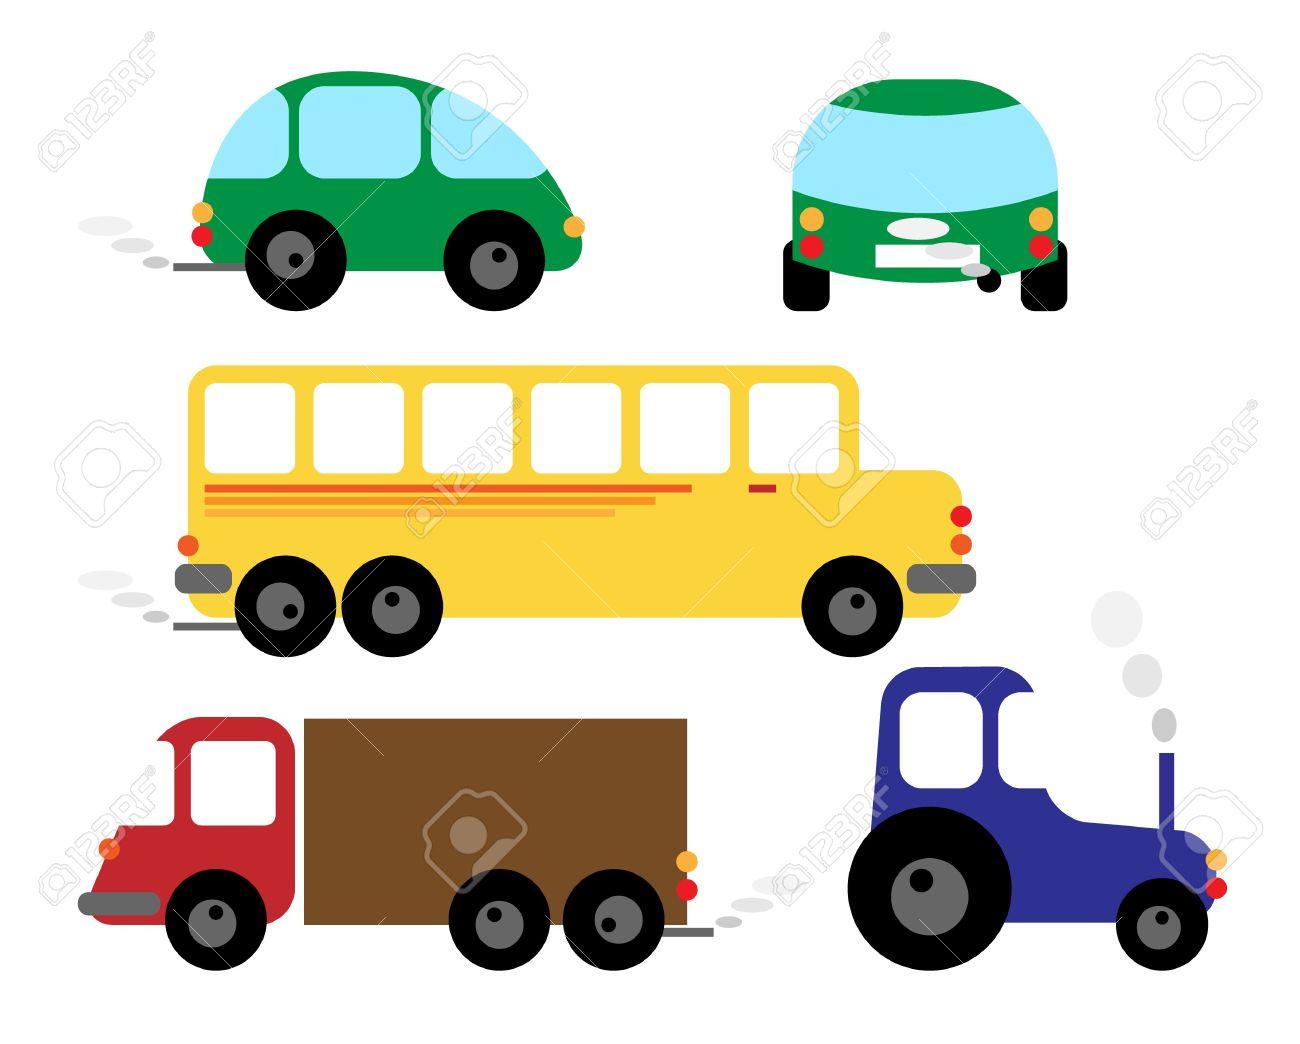 一連の車 - 車、バス、トラクター - 漫画イラスト/クリップアート